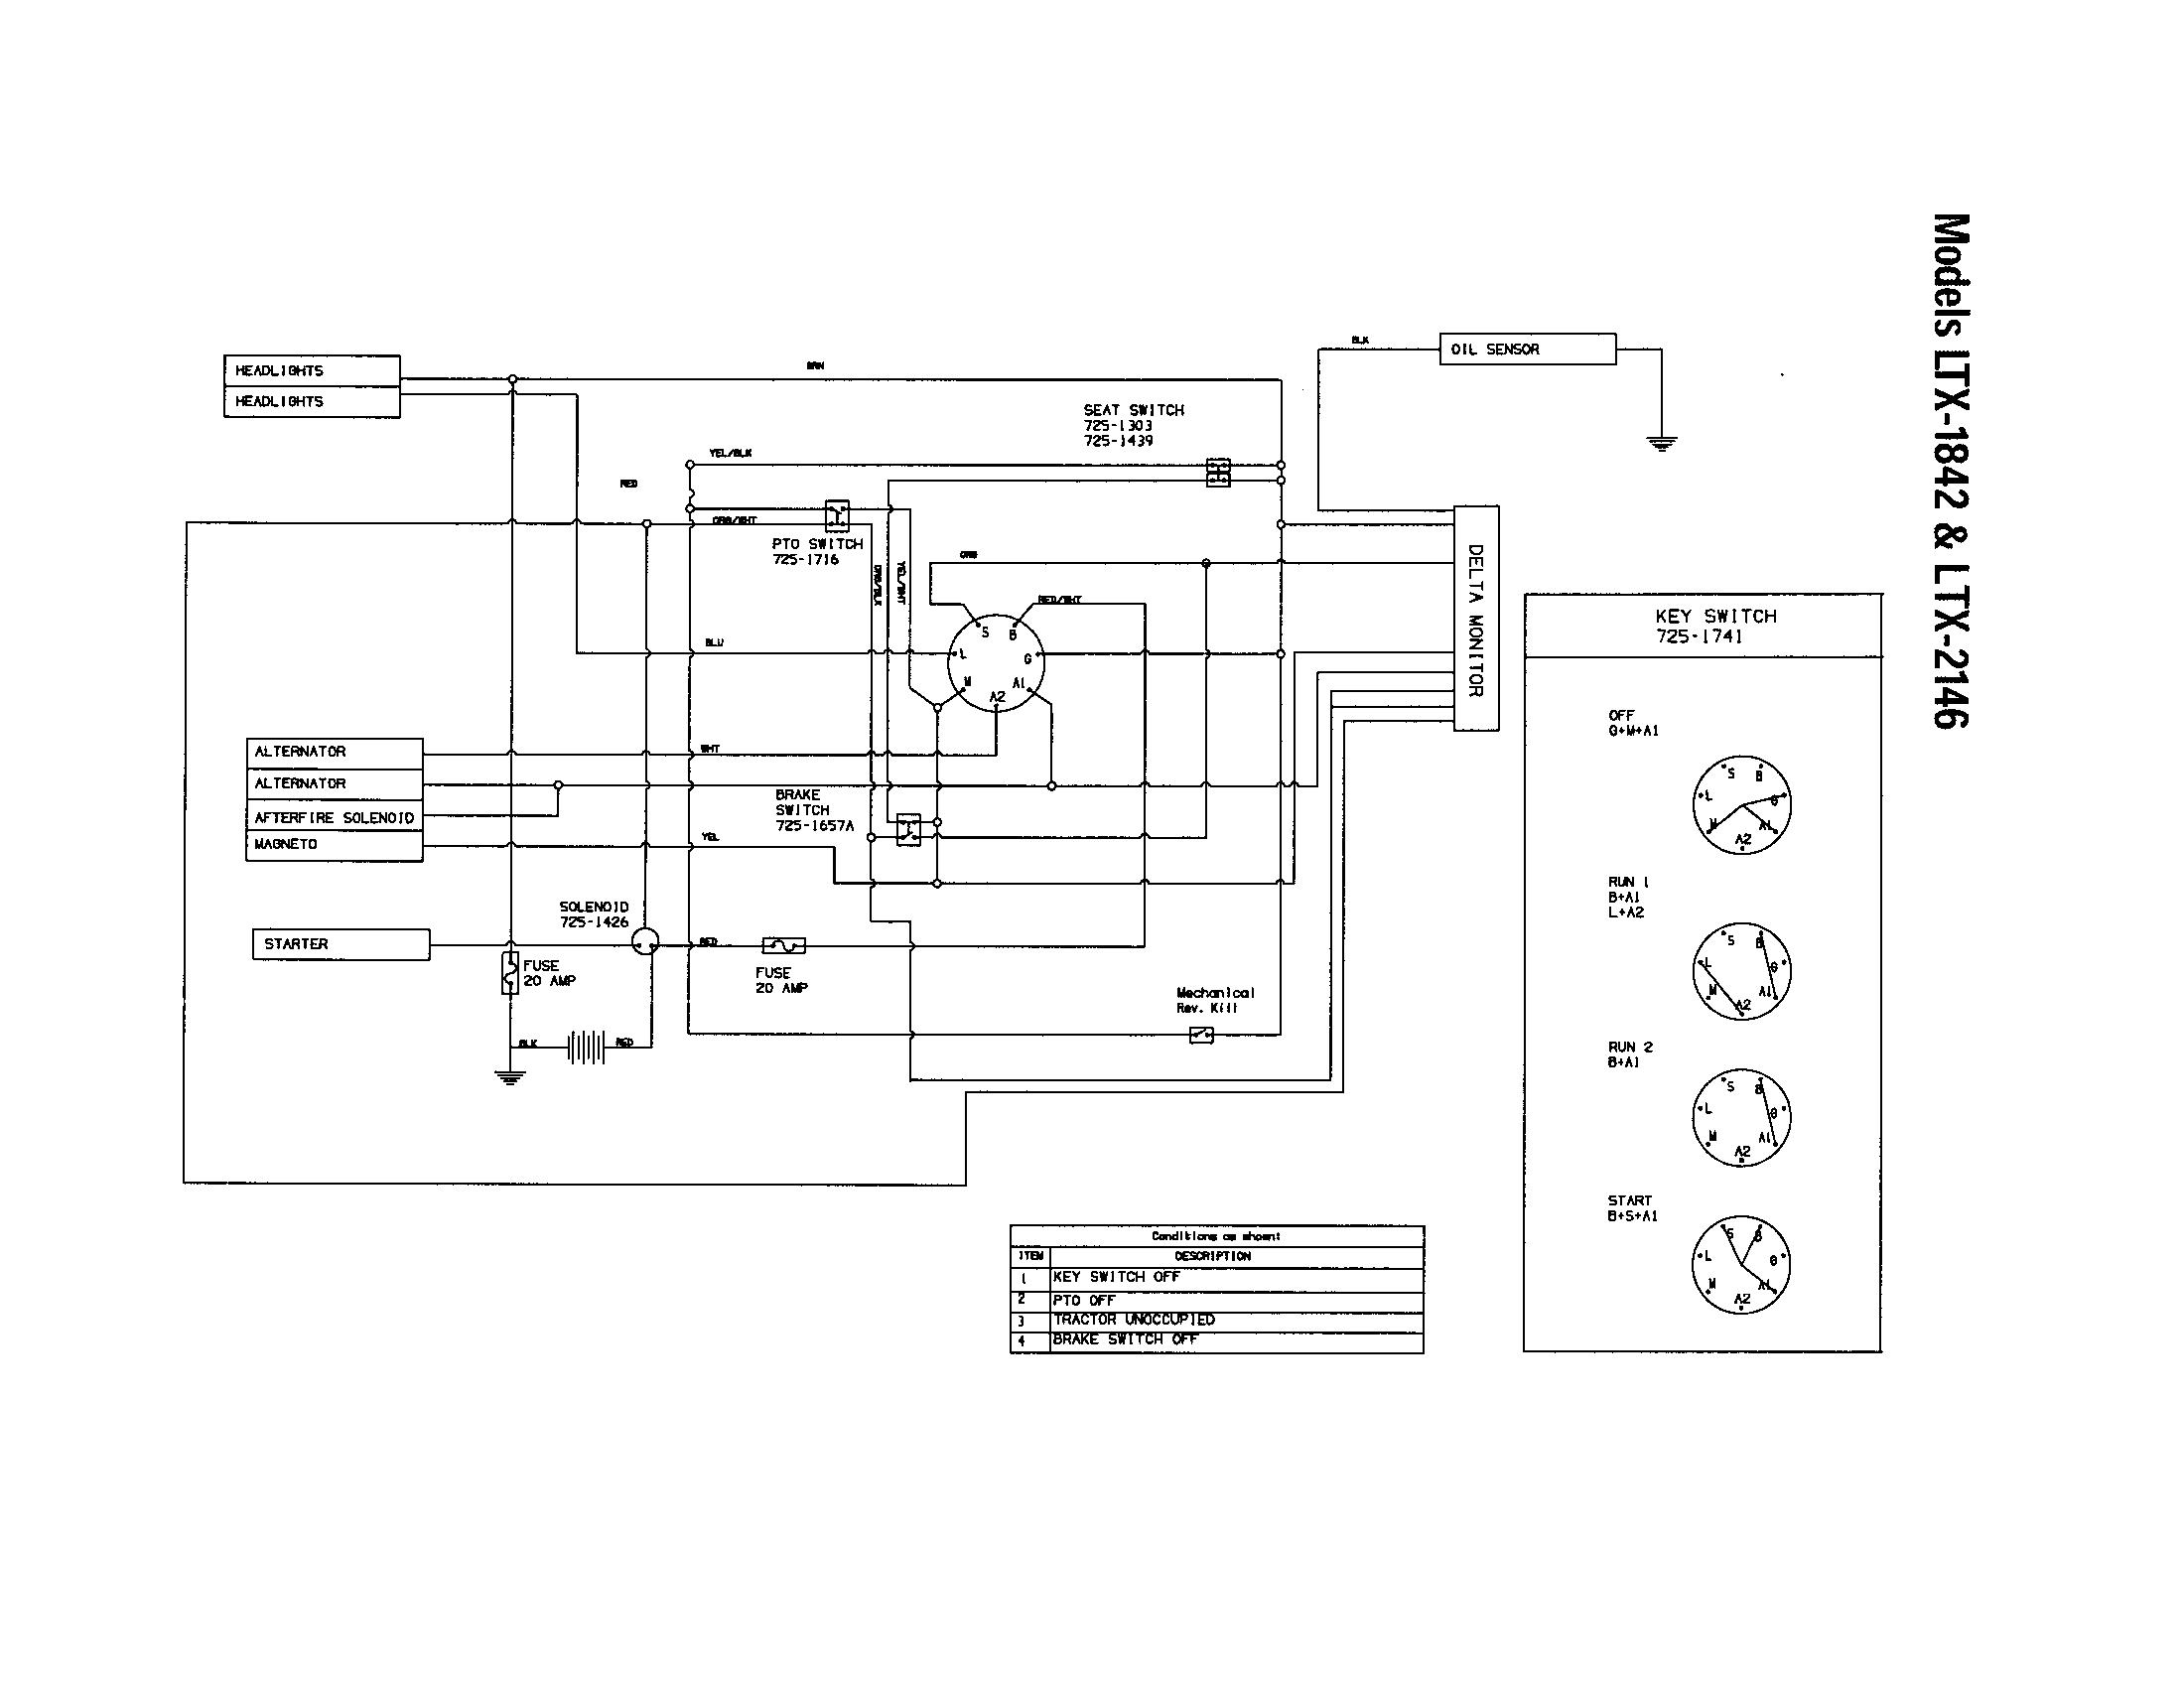 vermeer alternator wiring diagram nf 8826  system wiring likewise mtd lawn mower wiring diagram  likewise mtd lawn mower wiring diagram